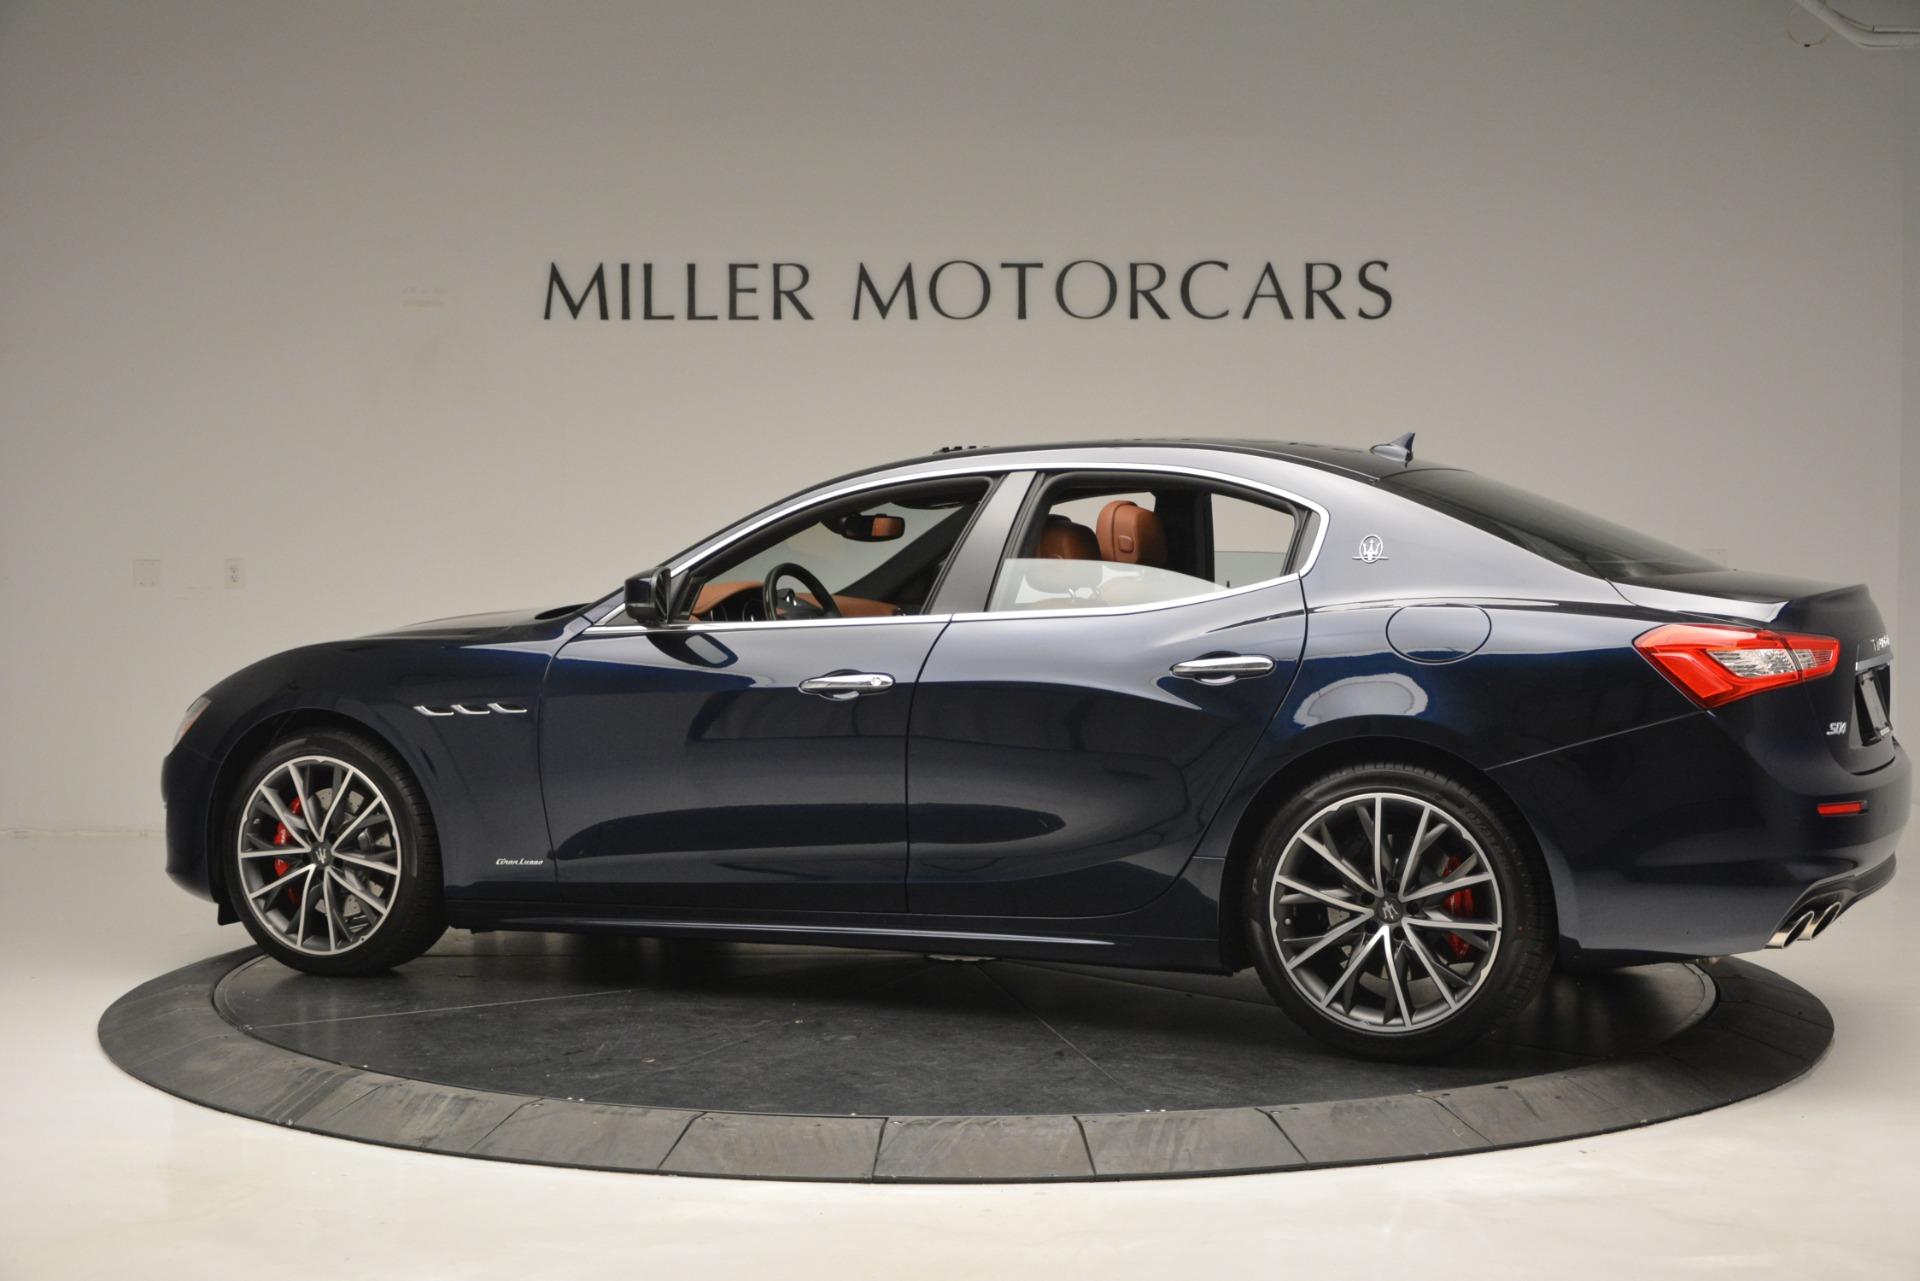 New 2019 Maserati Ghibli S Q4 GranLusso For Sale In Greenwich, CT. Alfa Romeo of Greenwich, M2251 2882_p5